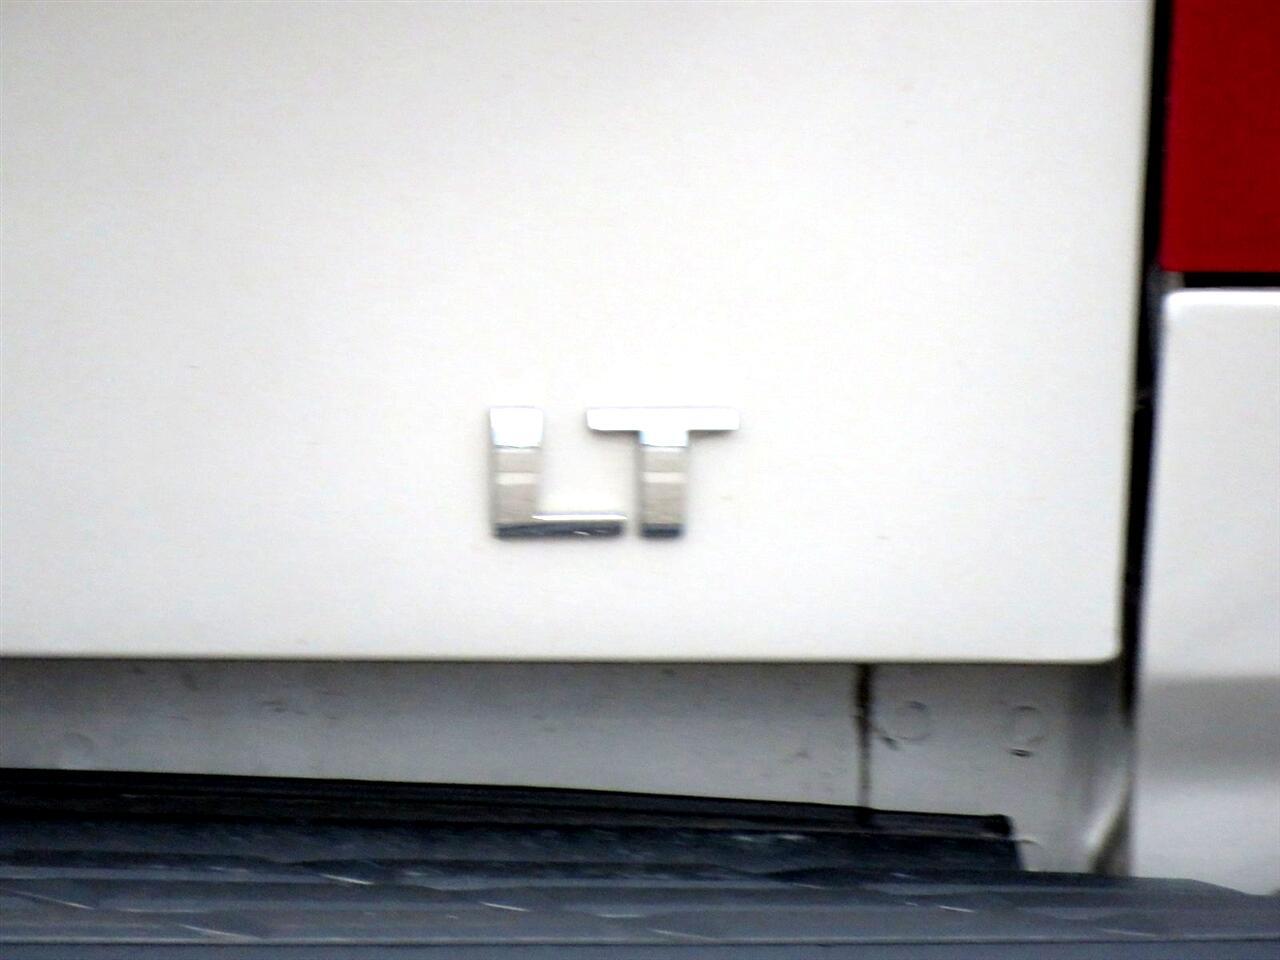 2008 Chevrolet Silverado 1500 LT